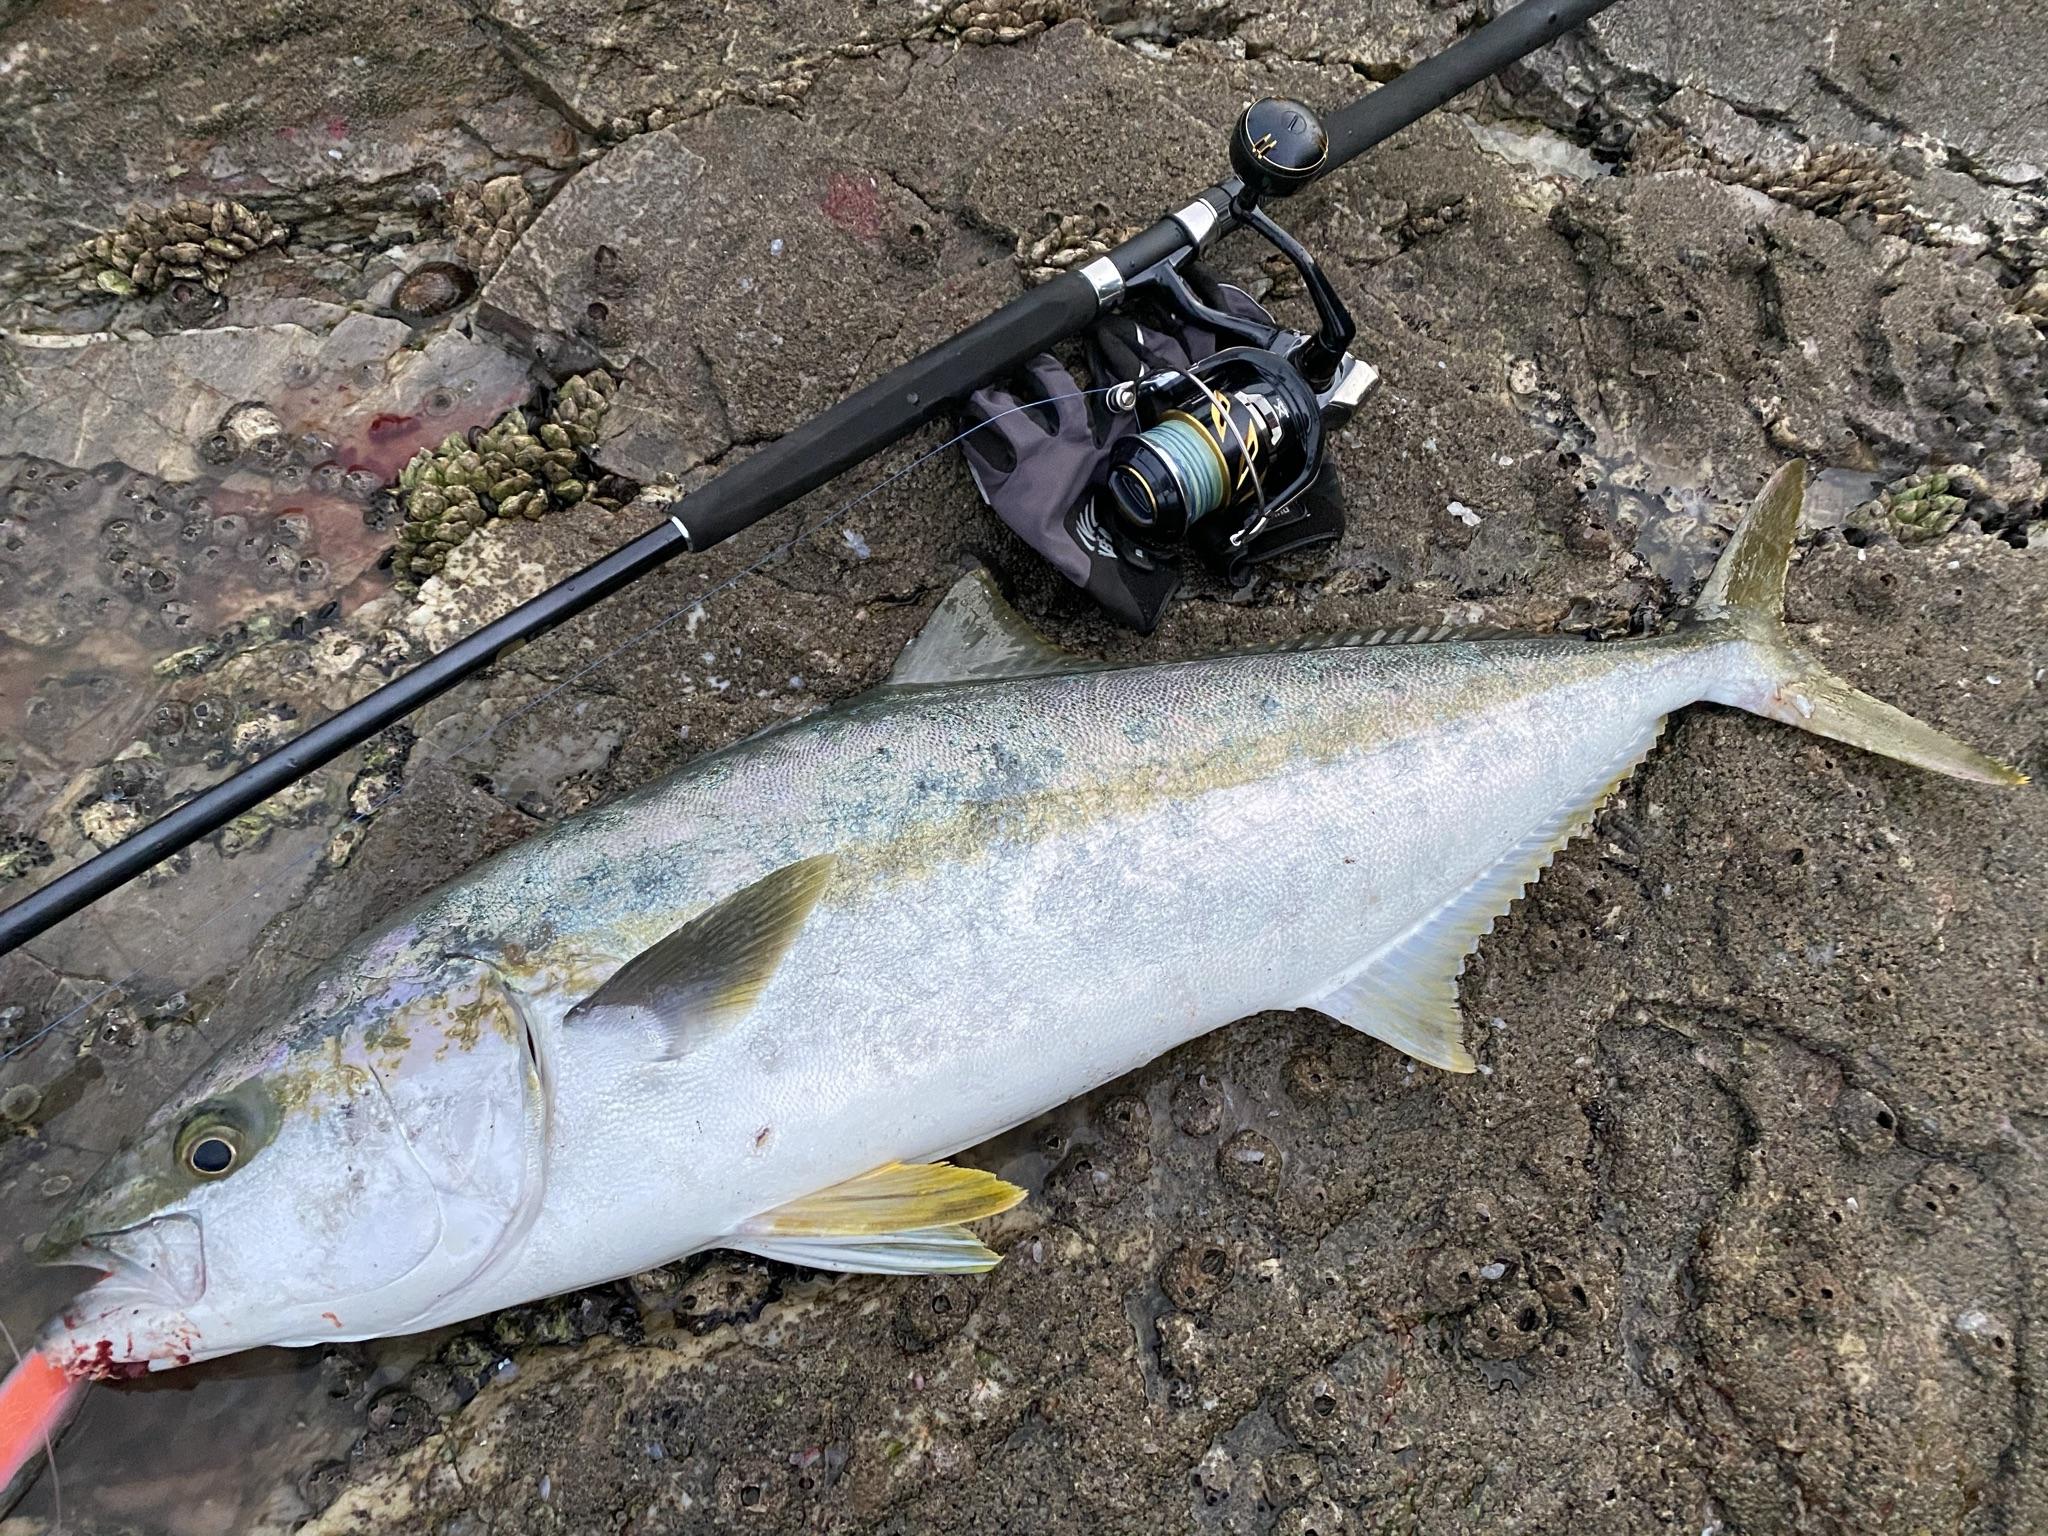 釣り人の聖地!釣りの魅力と愛媛県南予地域の豊かな海を紹介します!